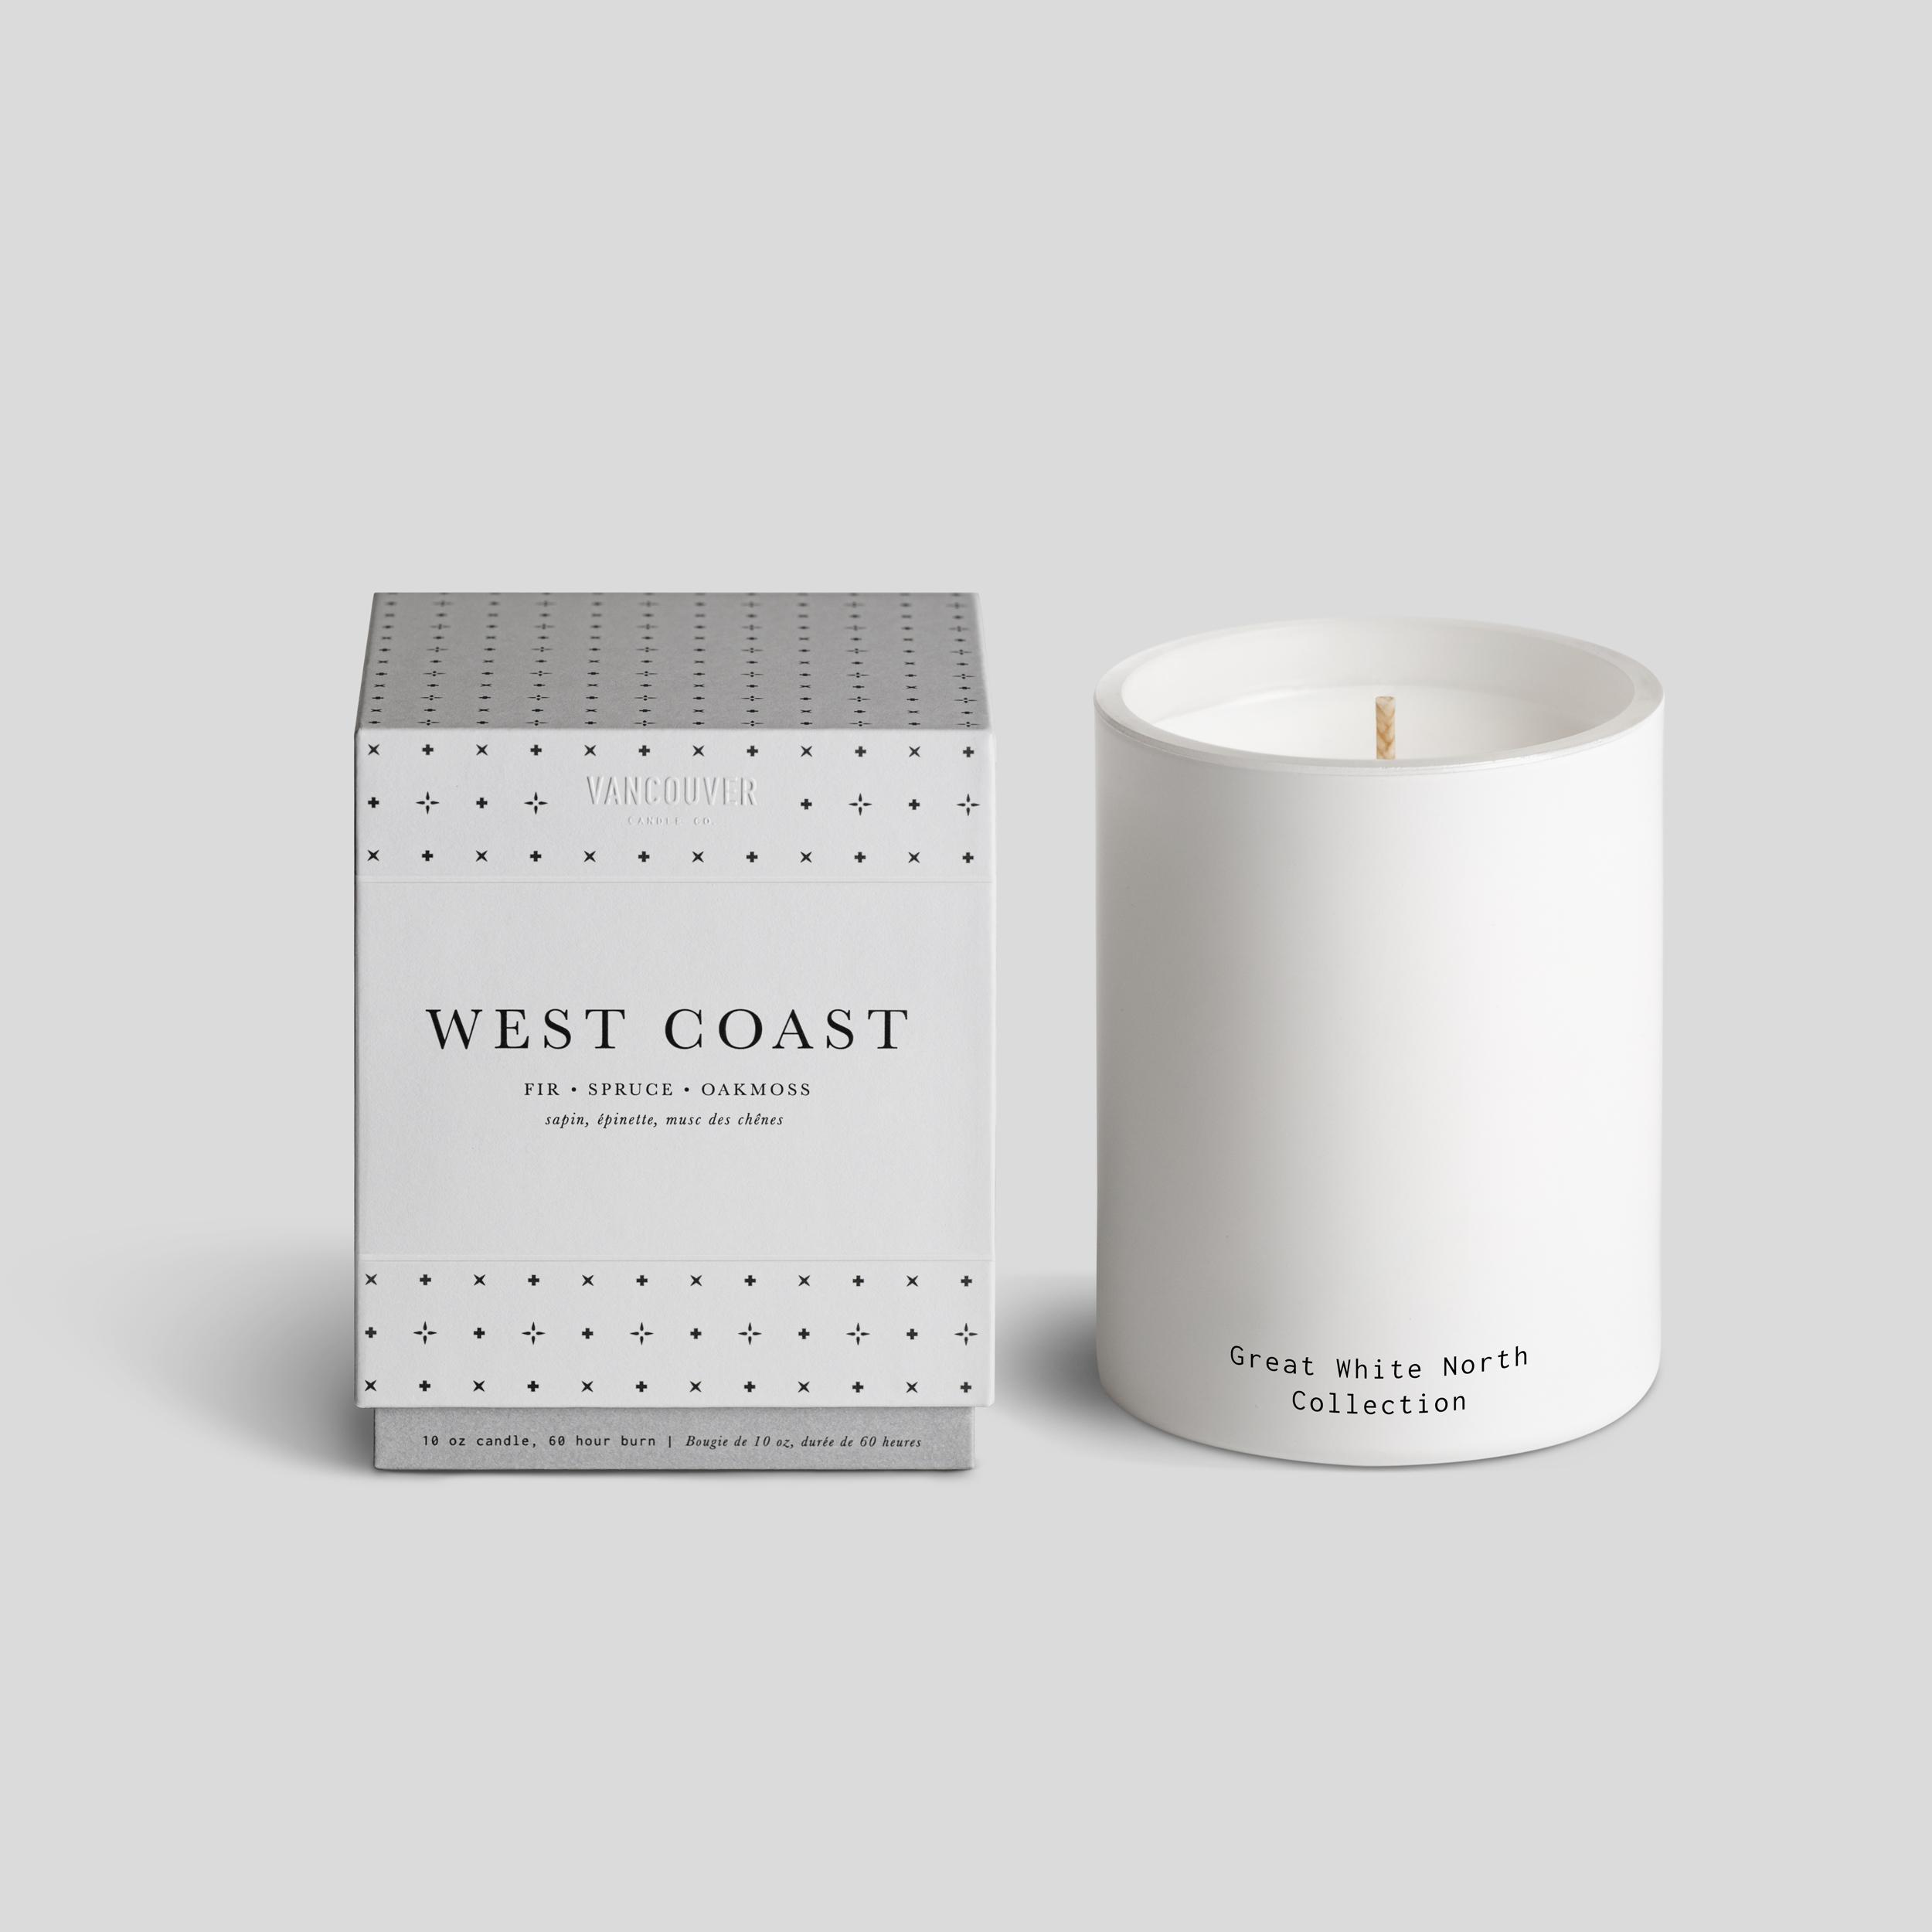 West Coast Candle